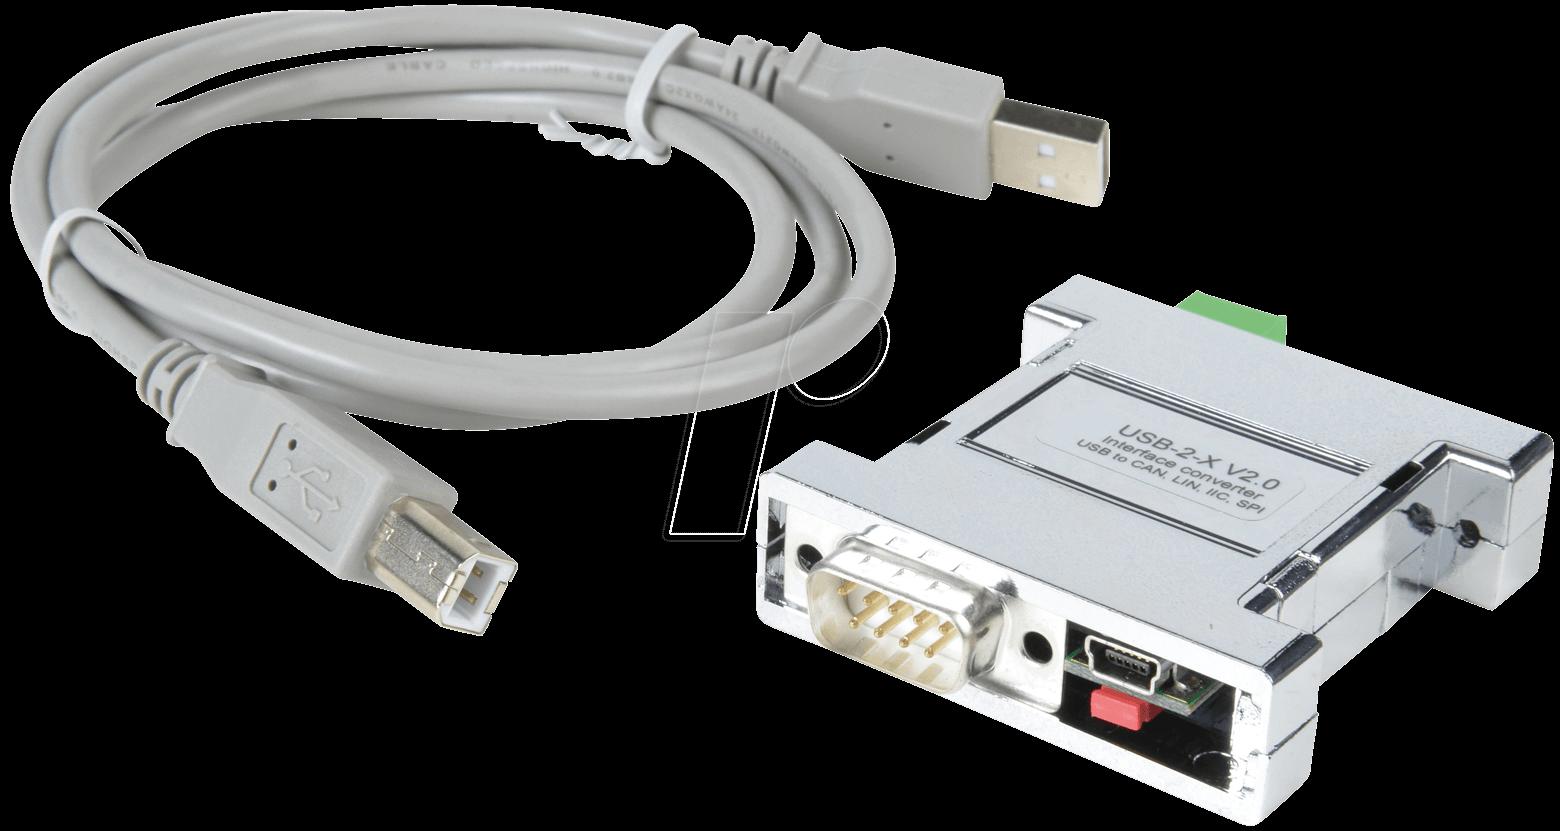 https://cdn-reichelt.de/bilder/web/xxl_ws/C300/TMC_USB-2X-V2_02.png